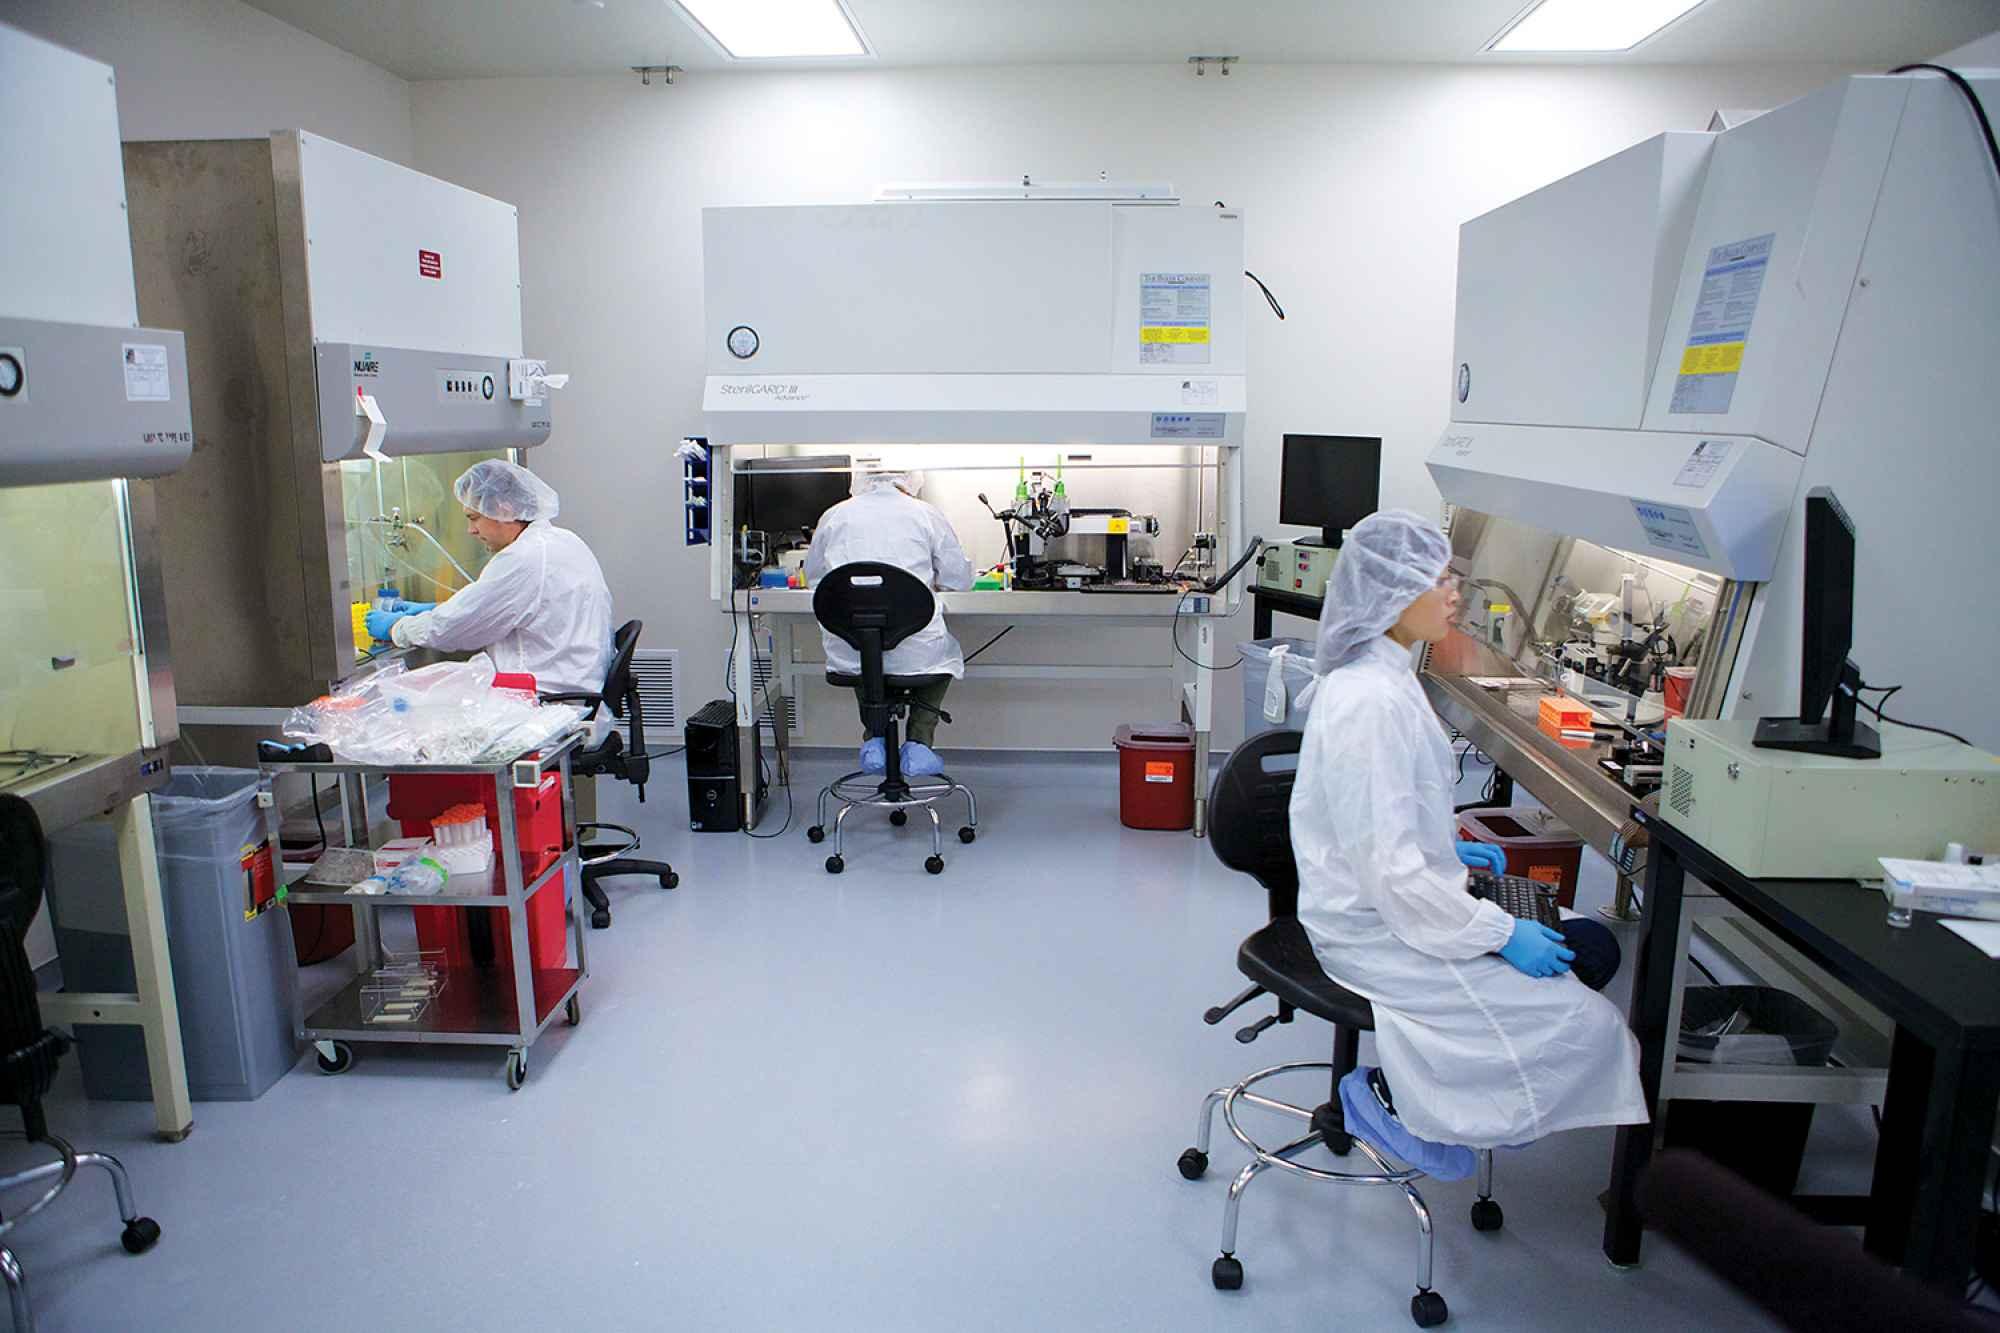 オーガノボのマーフィーCEOが3Dバイオプリンティング市場が30億規模に拡大するとコメント